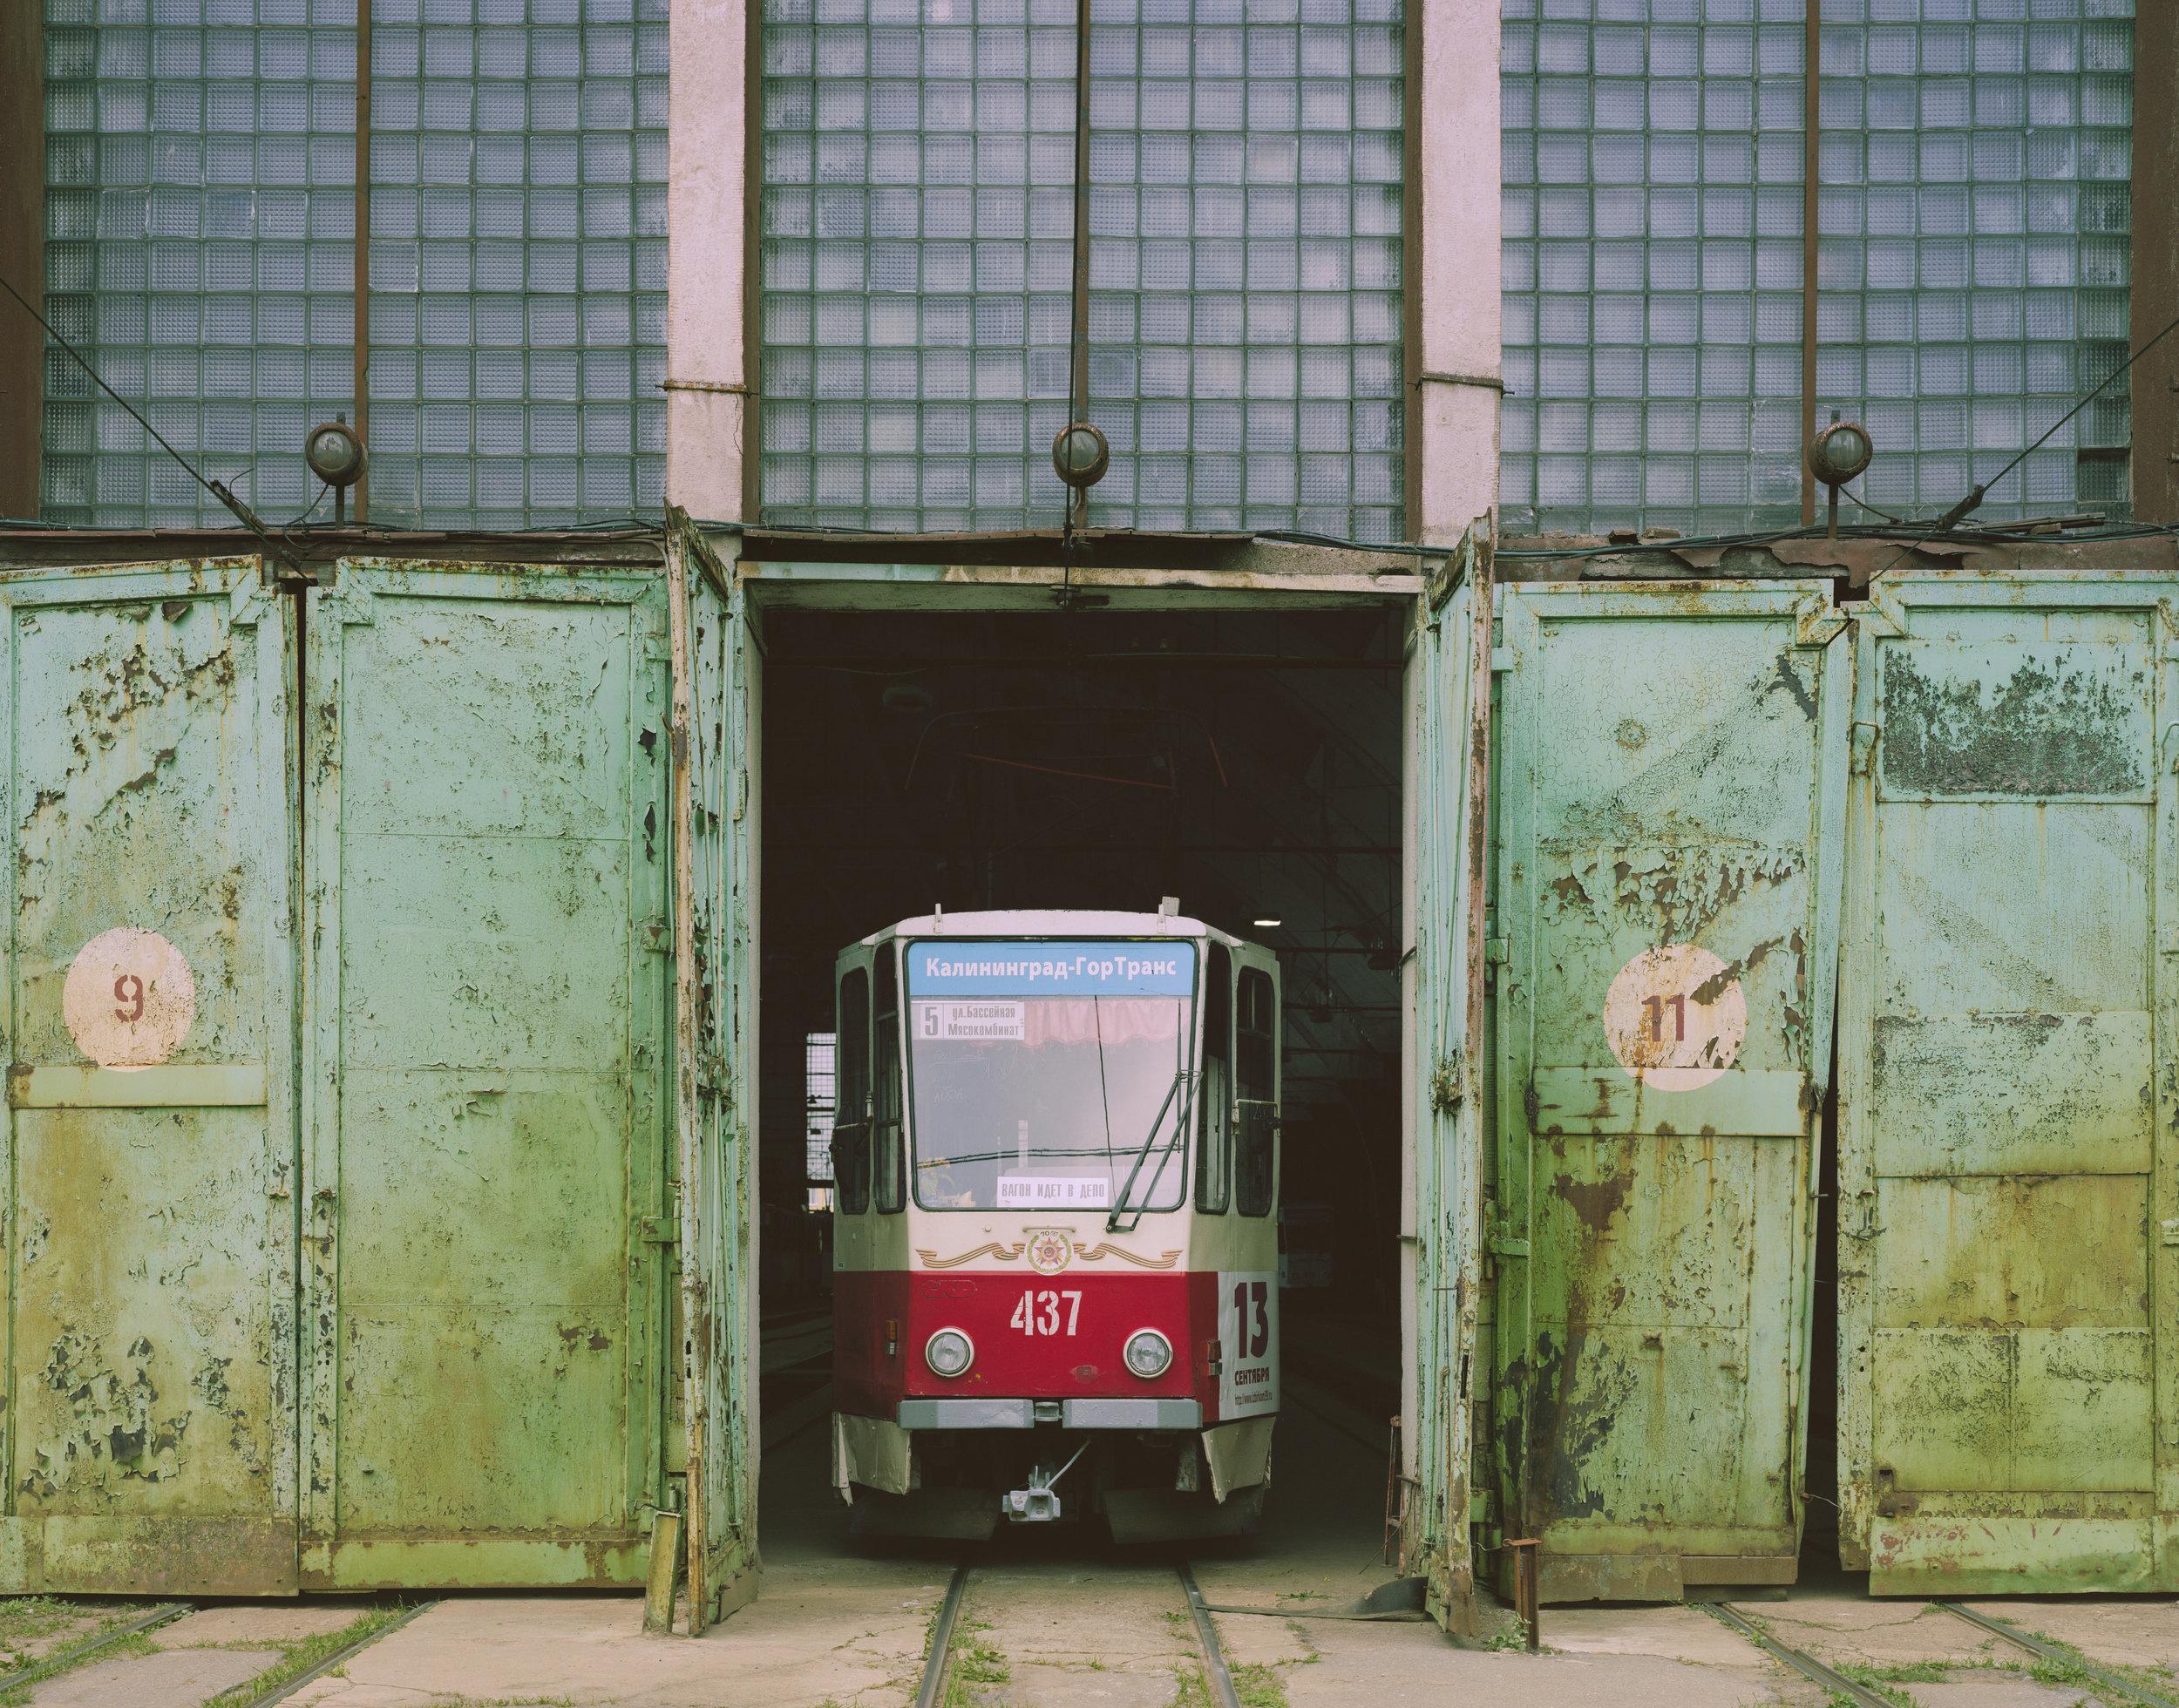 Tram depot, Kaliningrad